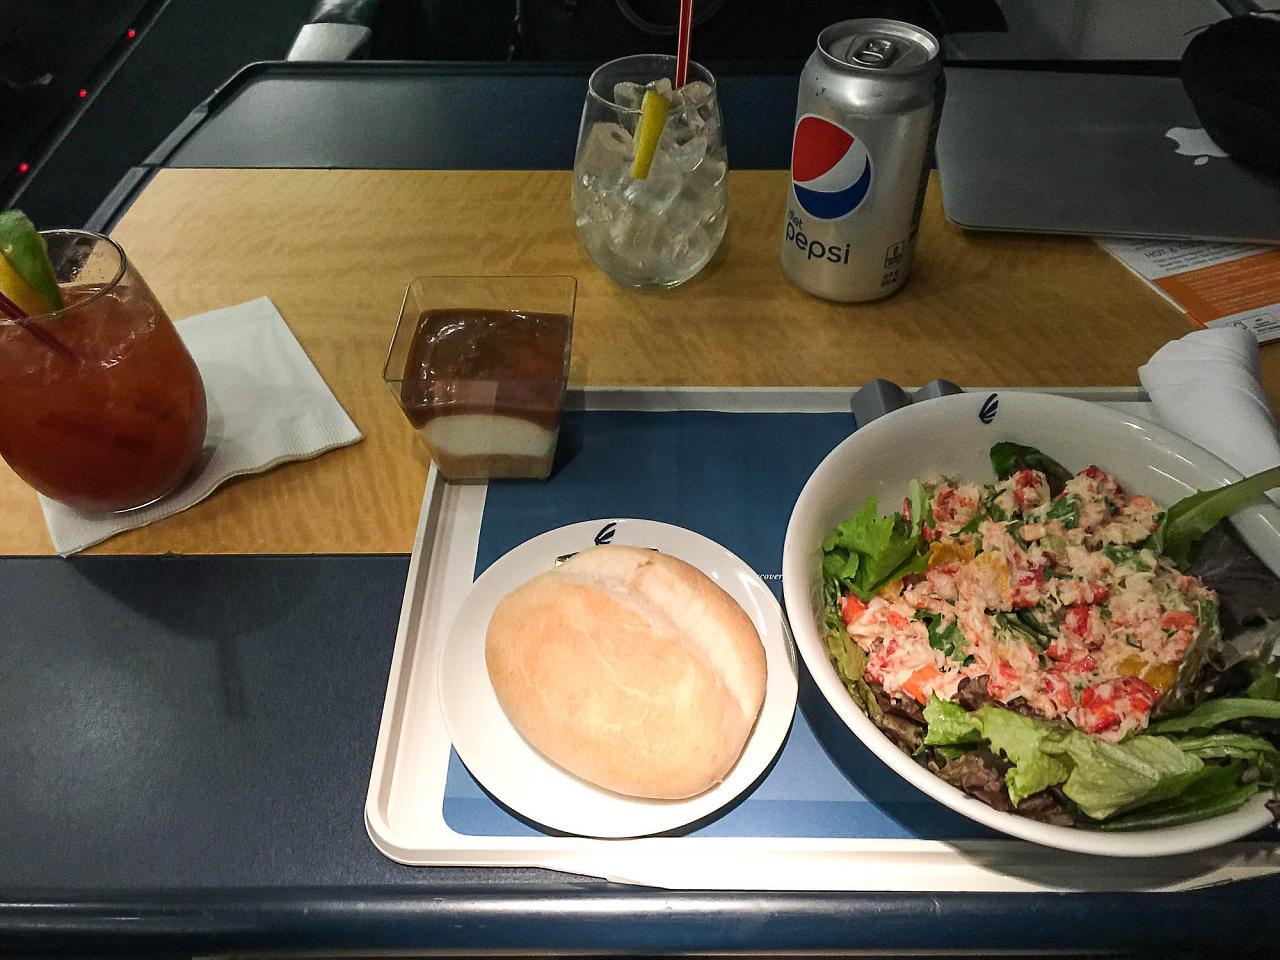 """Салат из лобстера в первом классе поезда """"Асела Экспресс"""""""